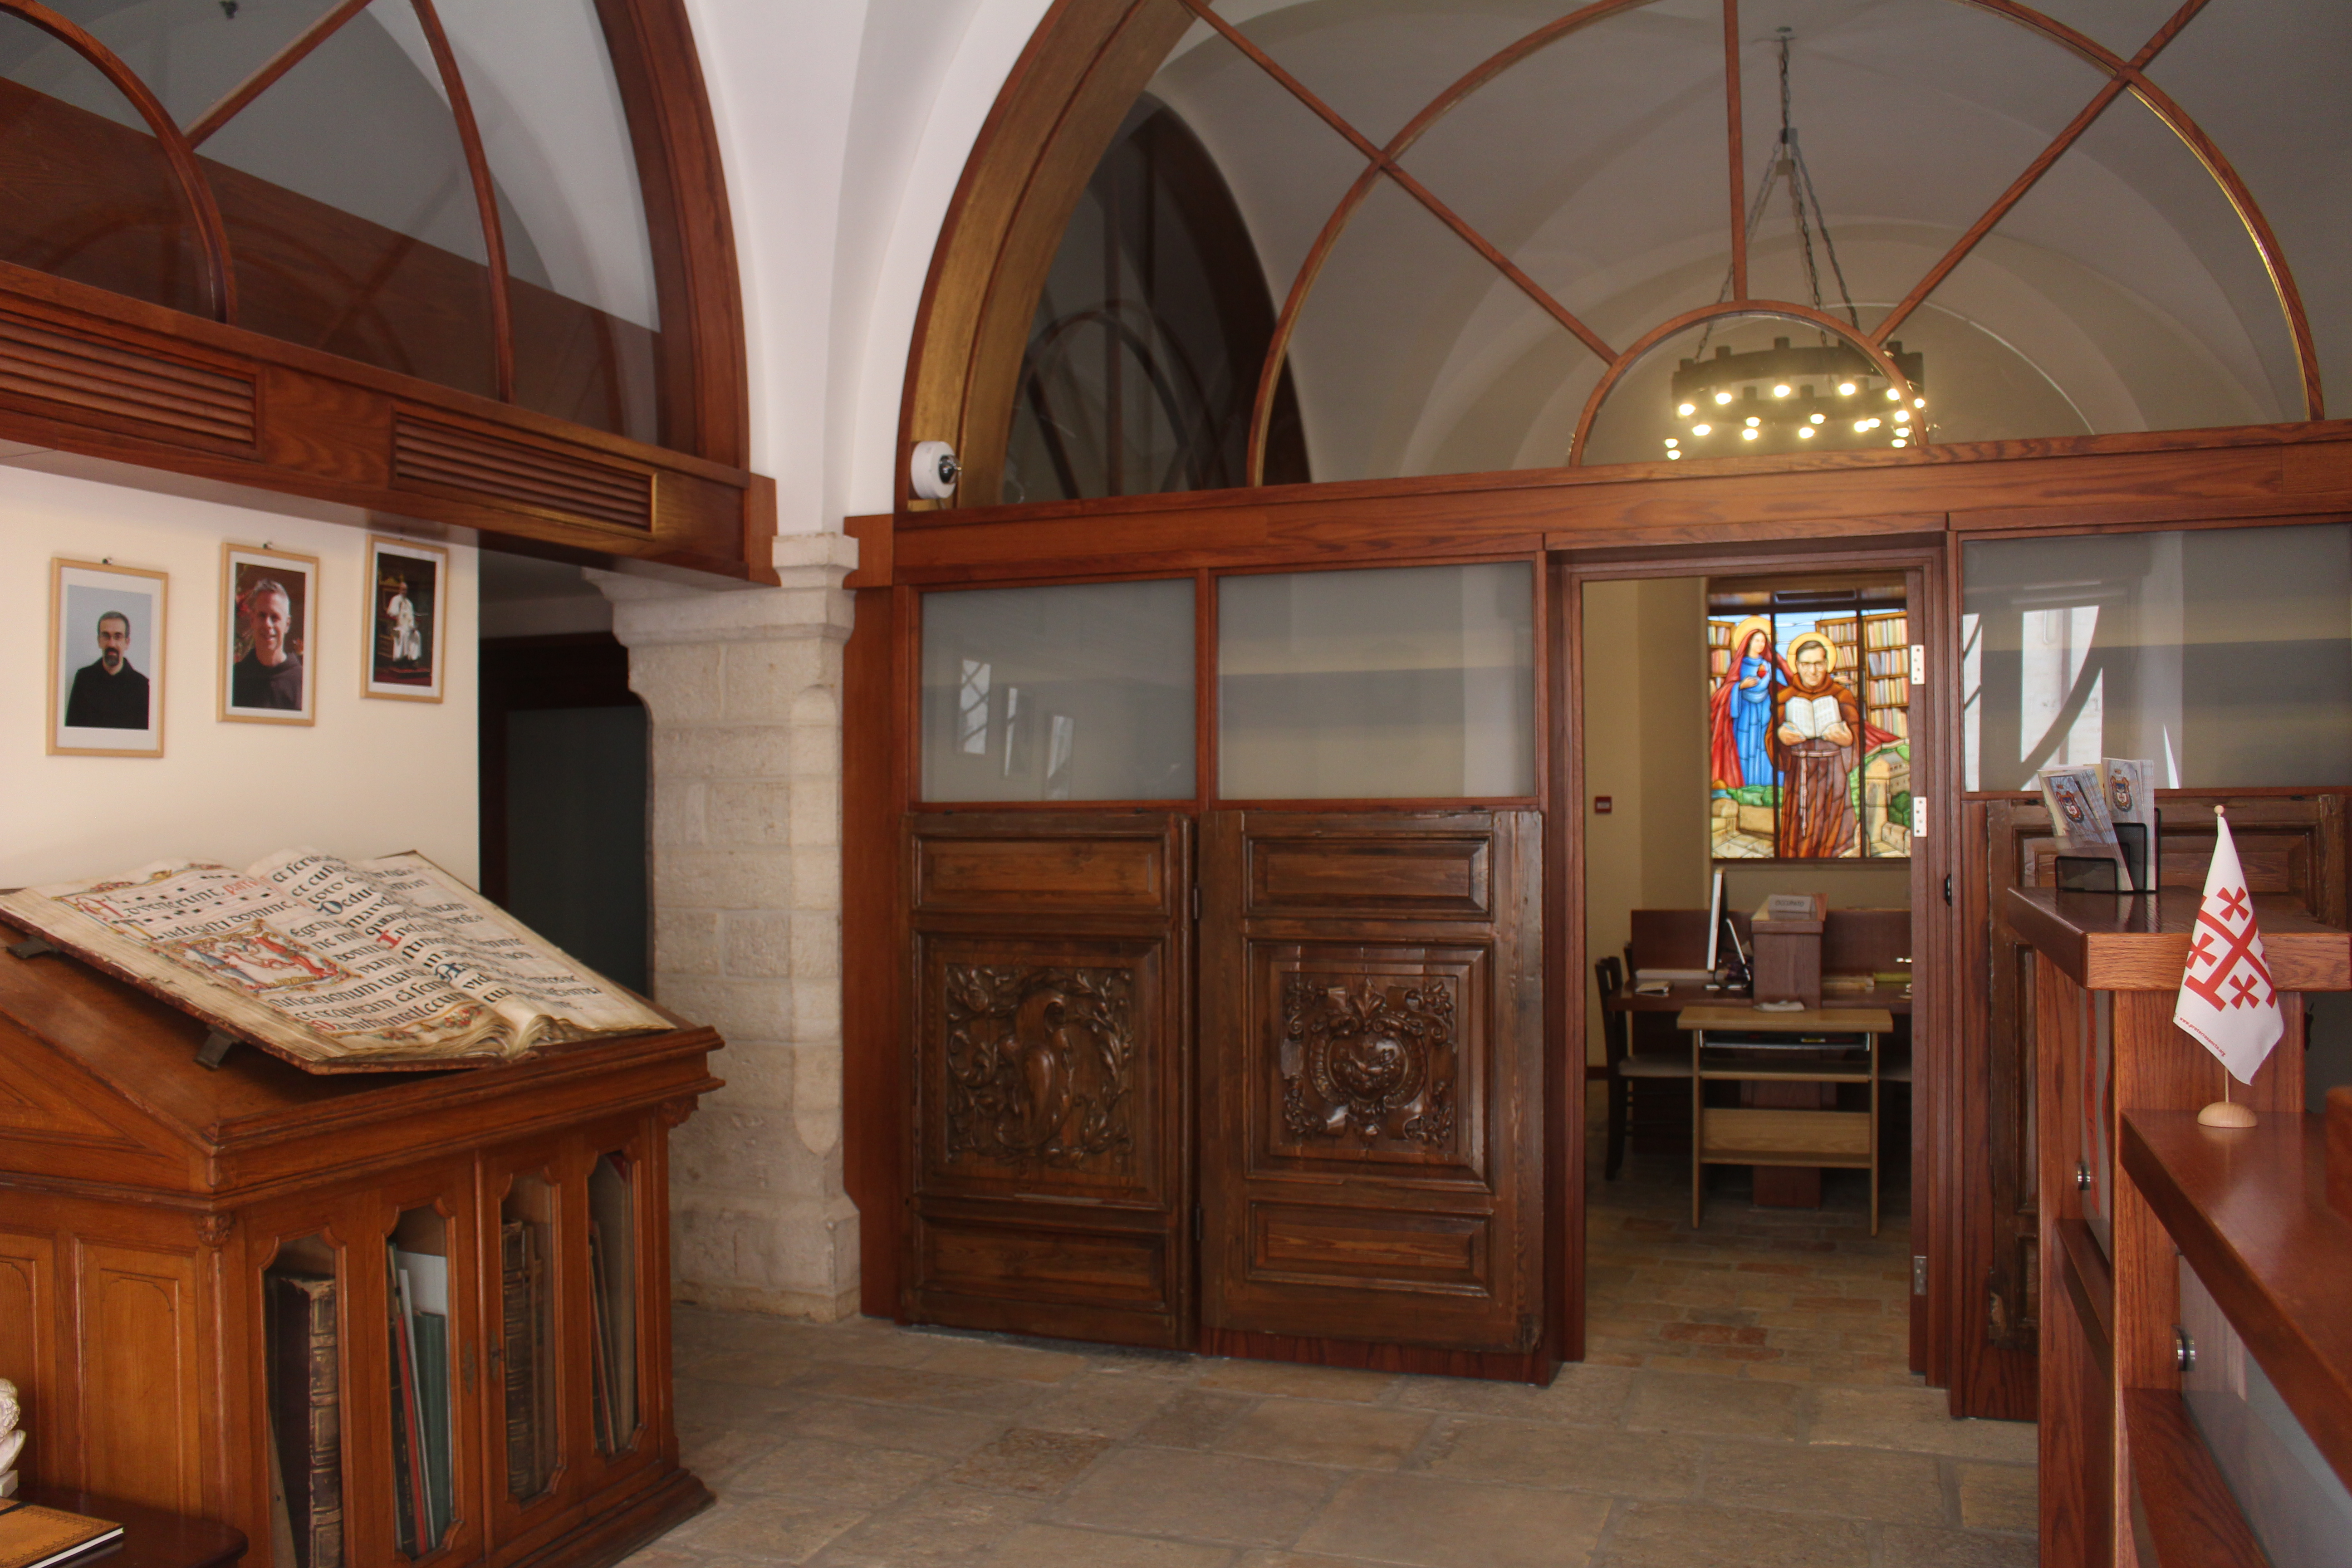 Jerusalem library